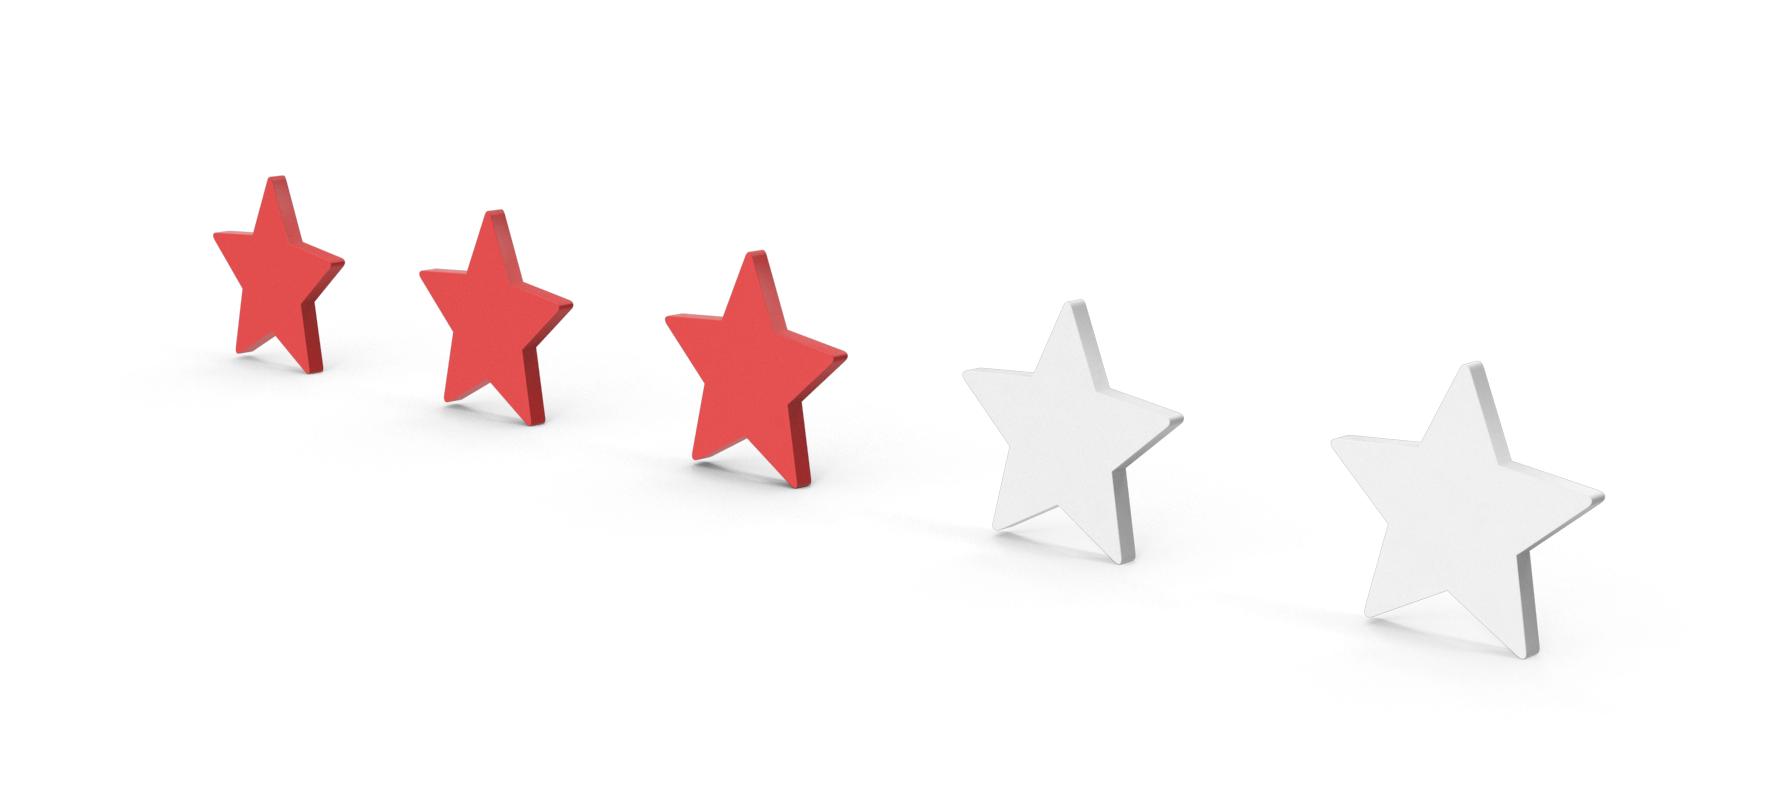 Šta je ocjena kvaliteta (Quality Score) i kako utiče na Google reklame?